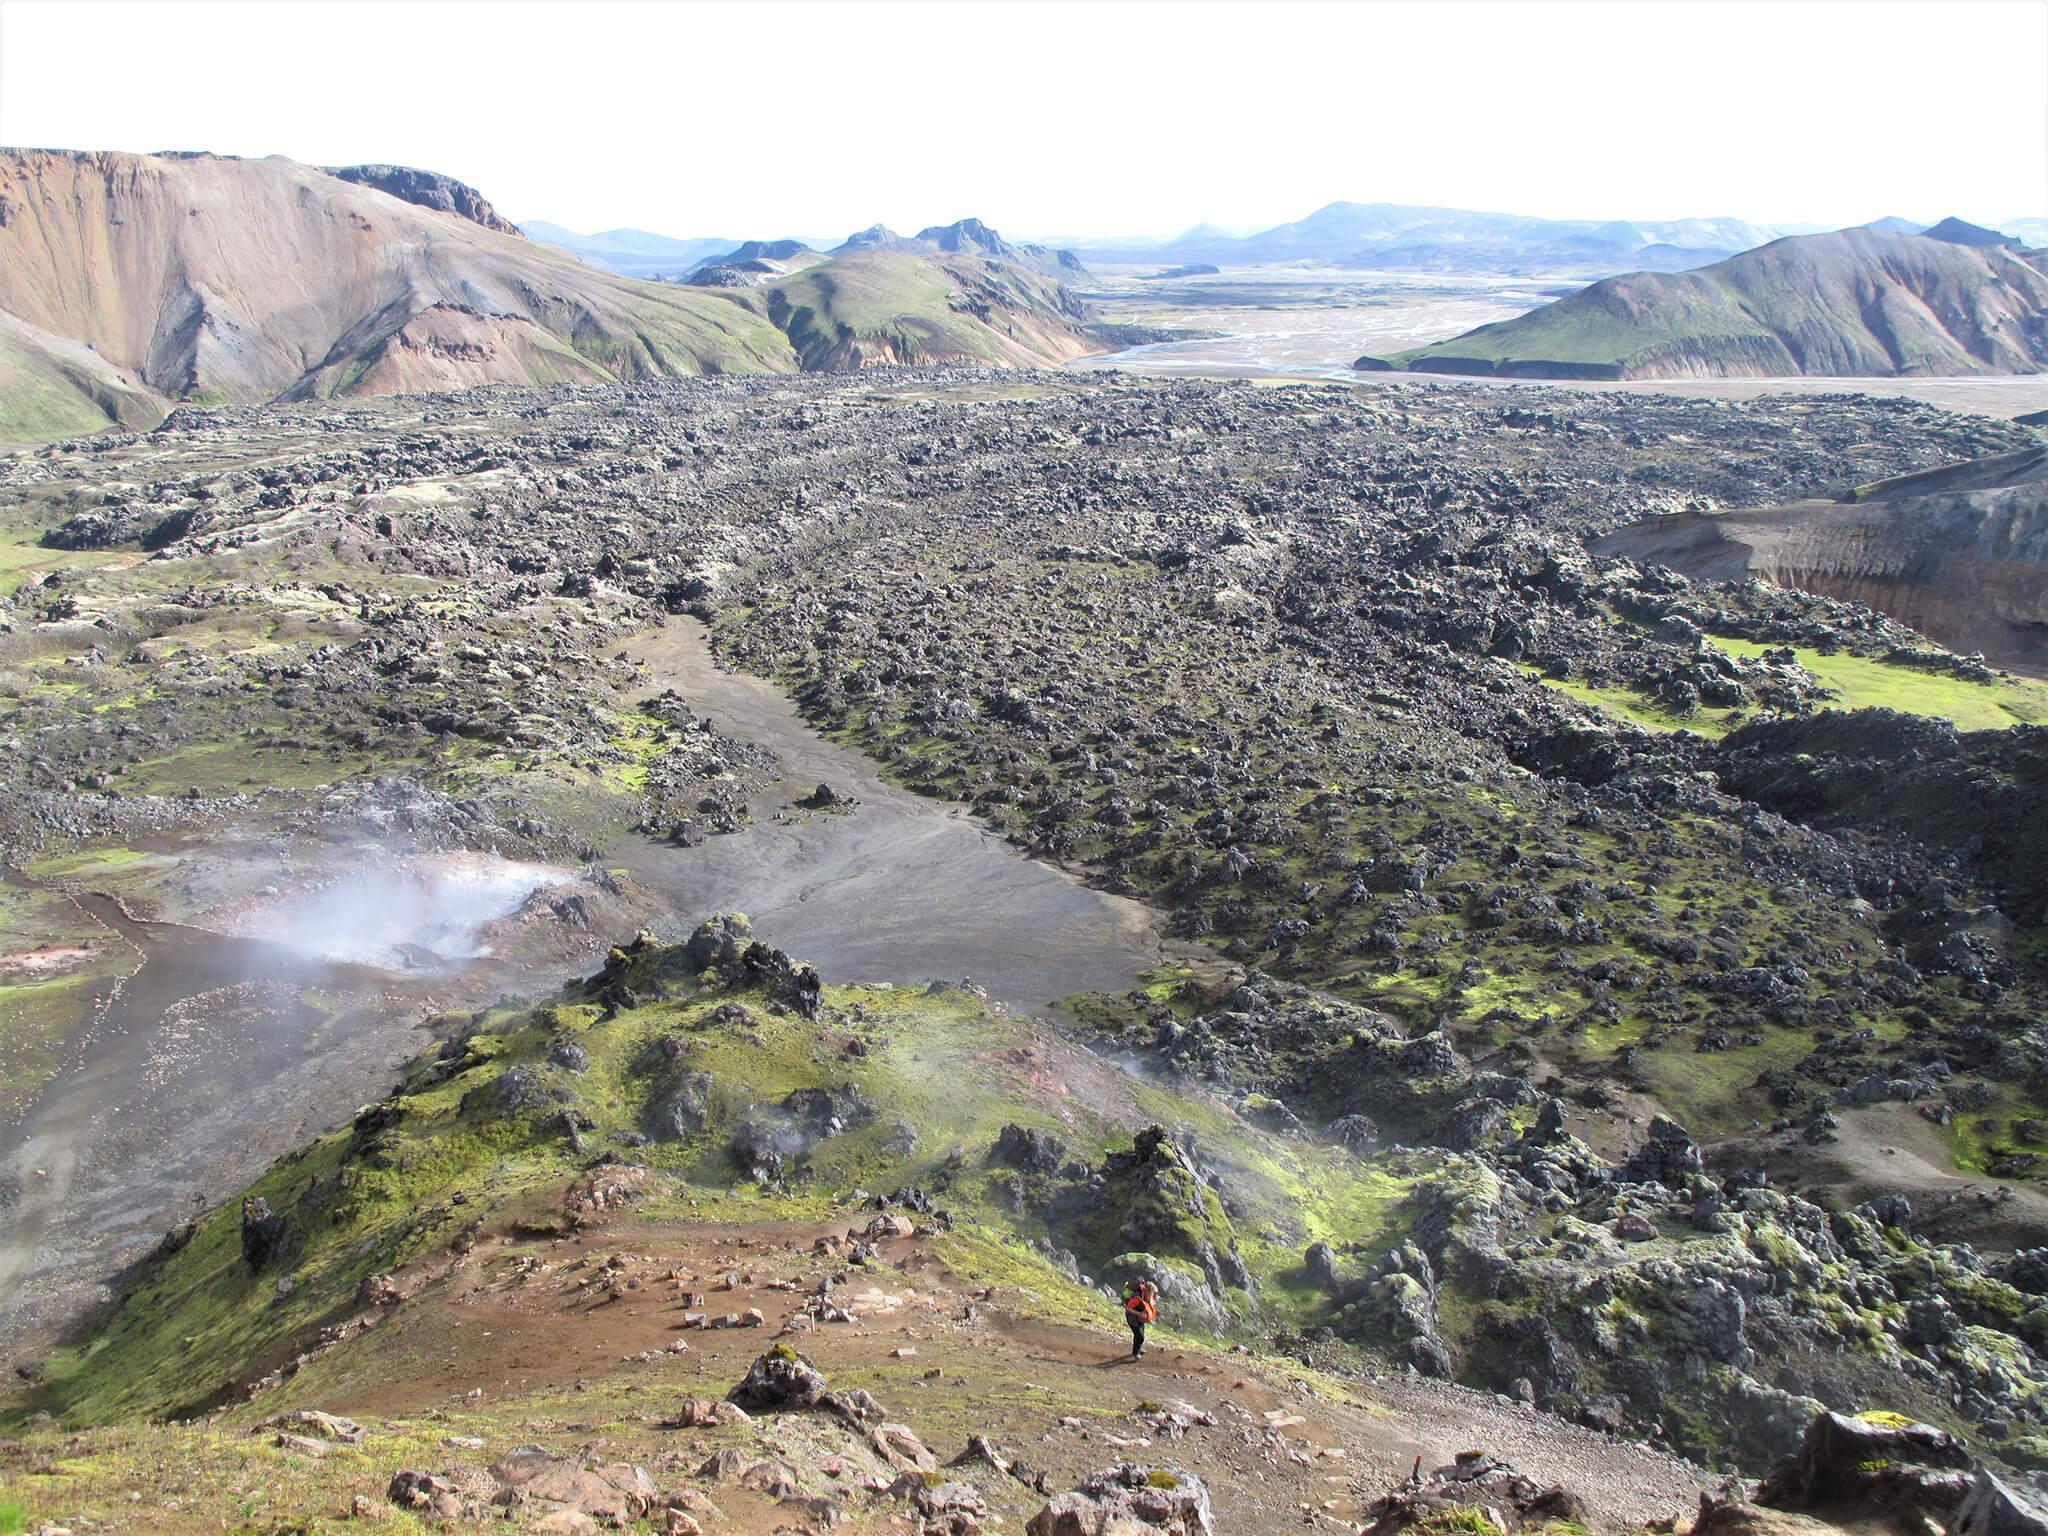 アイスランドの「ロイガヴェーグルトレイル」に見られる大地